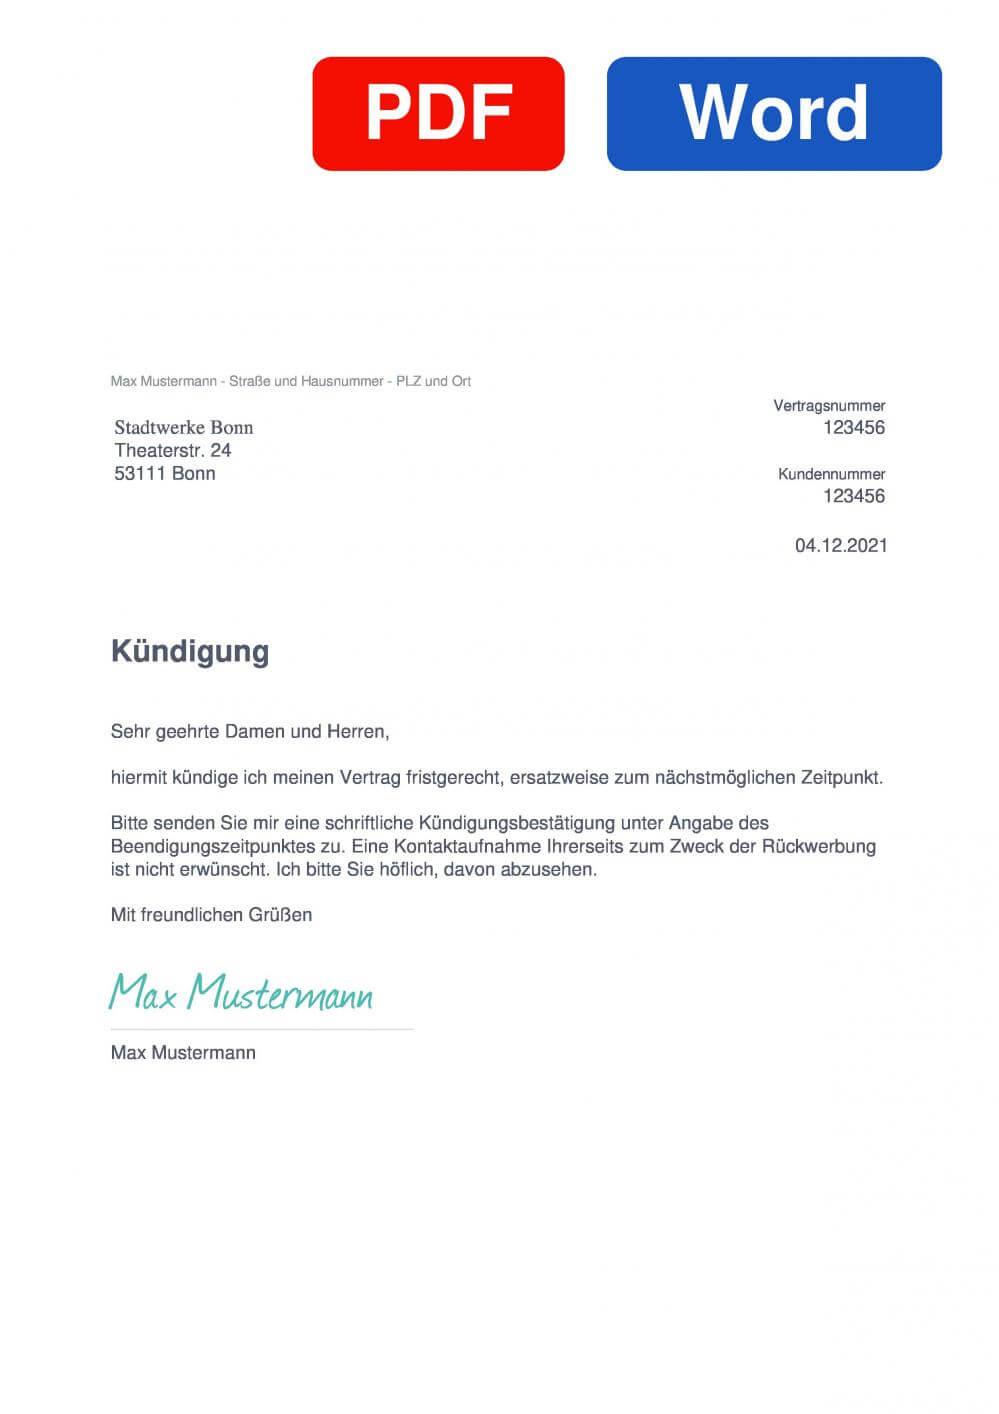 Stadtwerke Bonn Muster Vorlage für Kündigungsschreiben